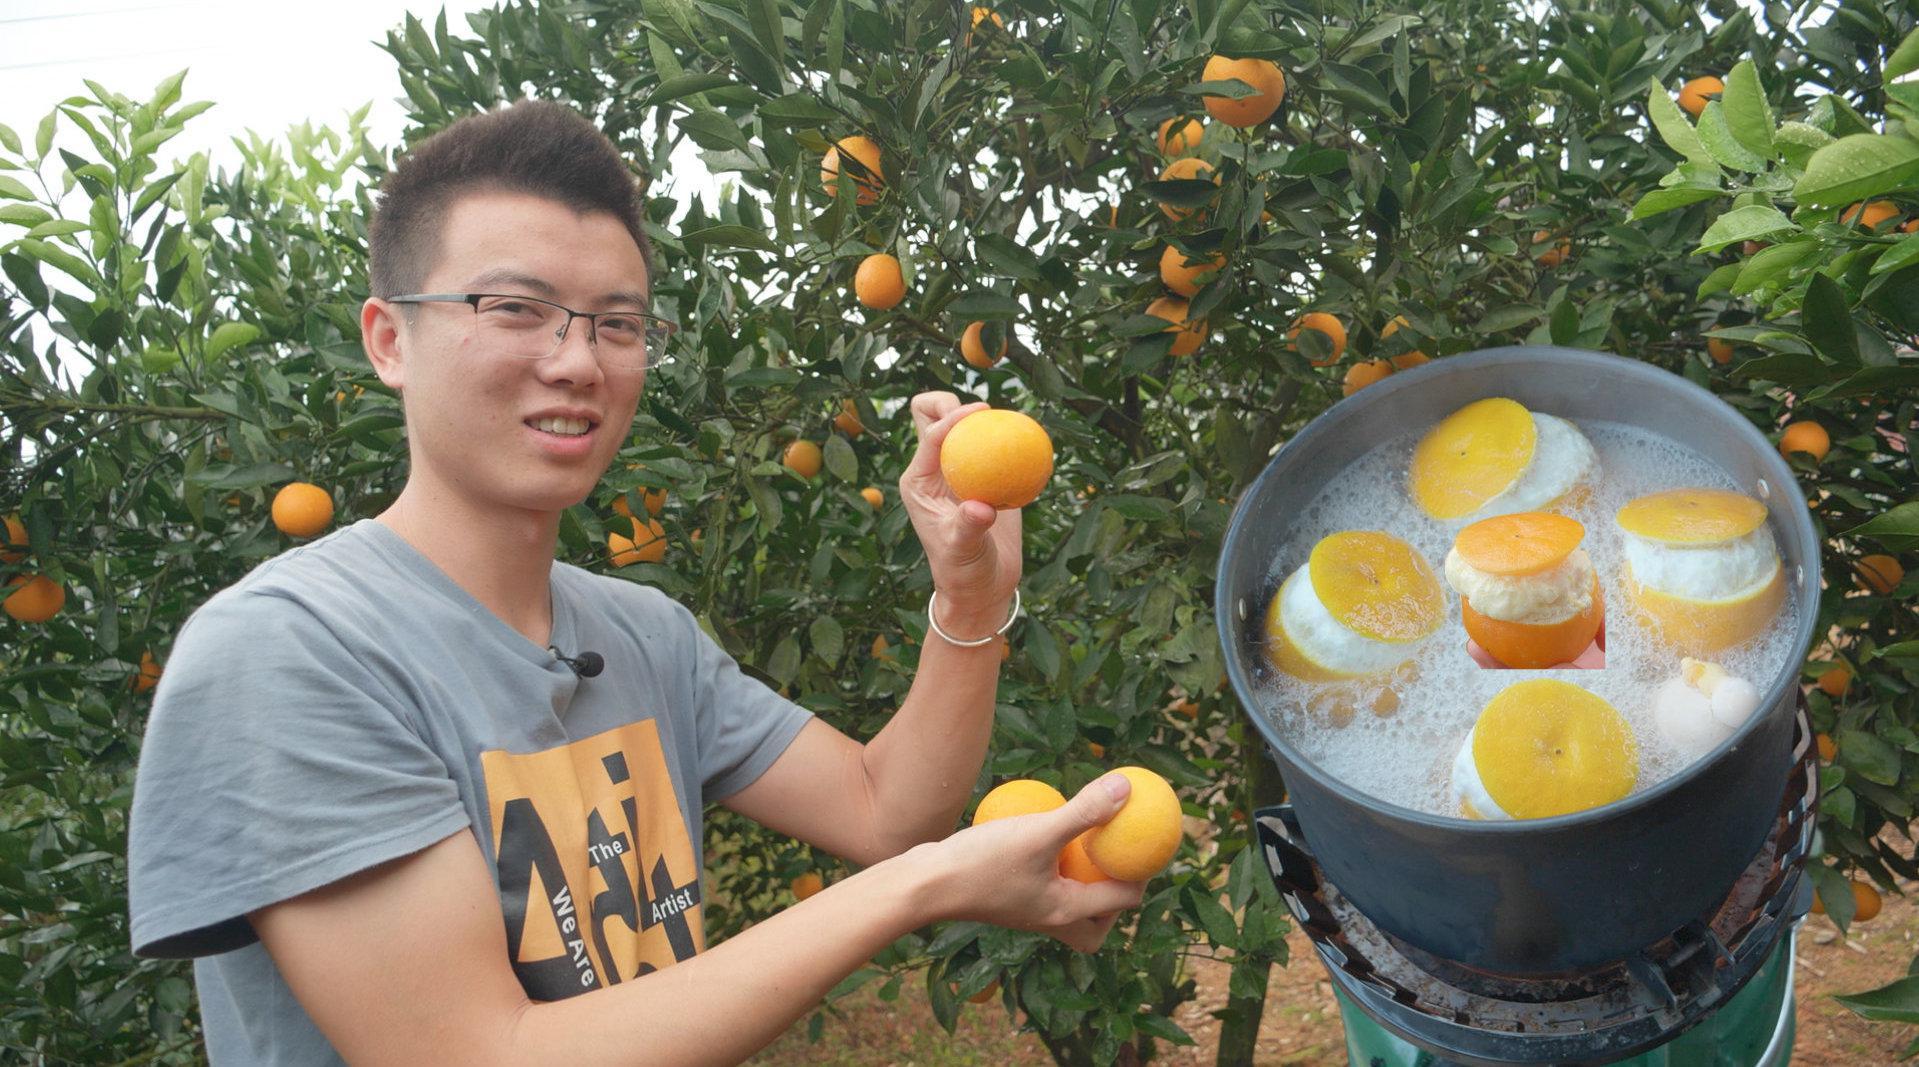 橙子和鸡蛋都是很常见的美食,但这两者碰撞真的有初恋的味道!